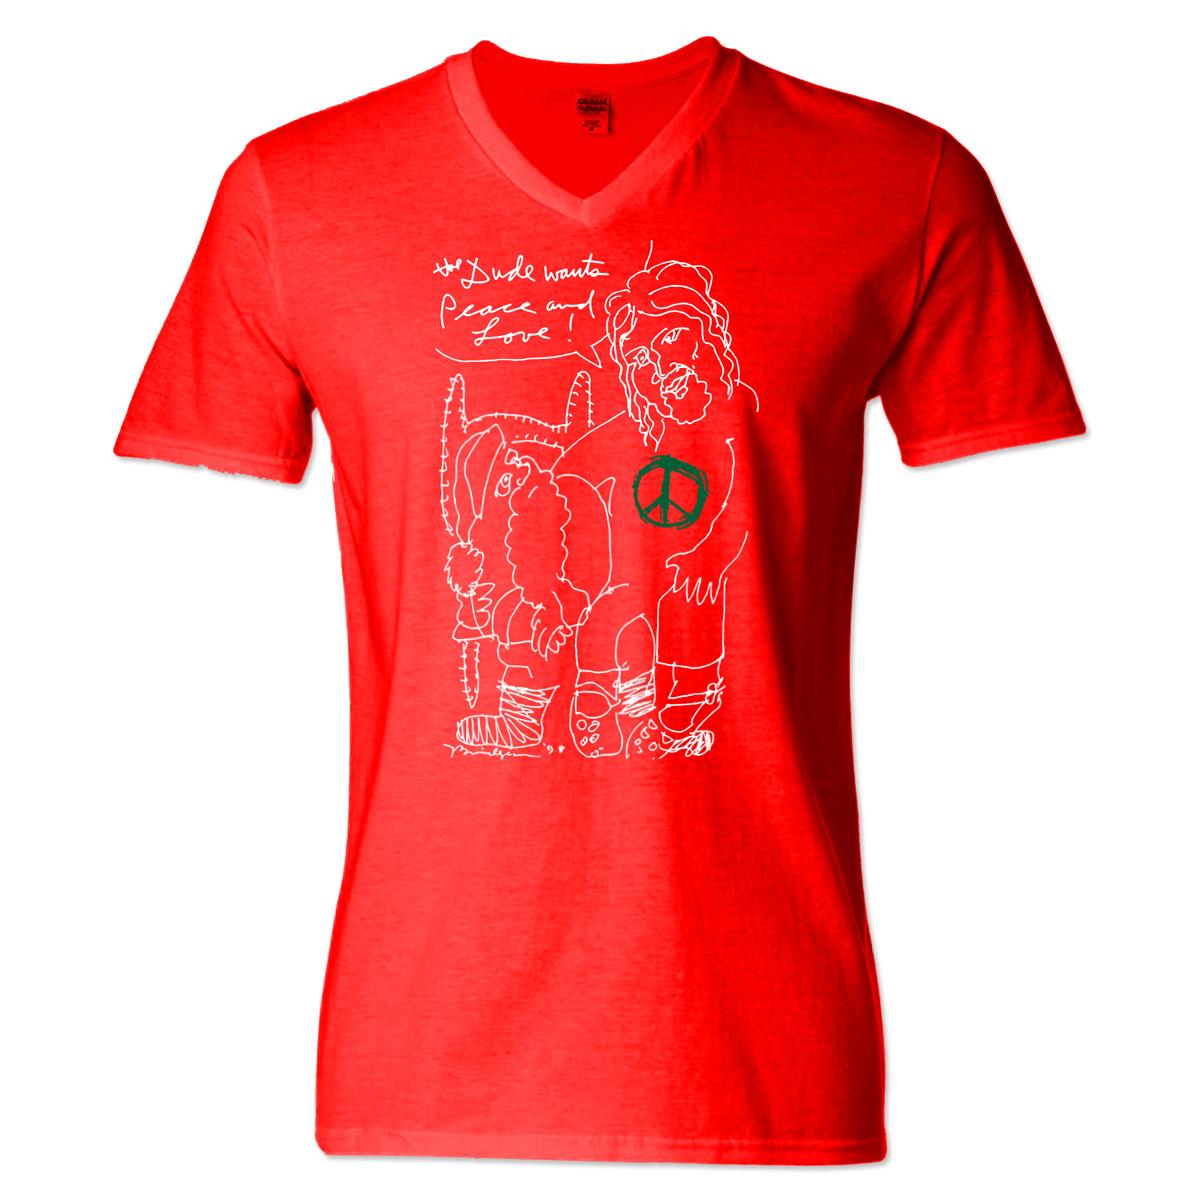 Jeff Bridges Christmas Red V-Neck T-shirt - Women's